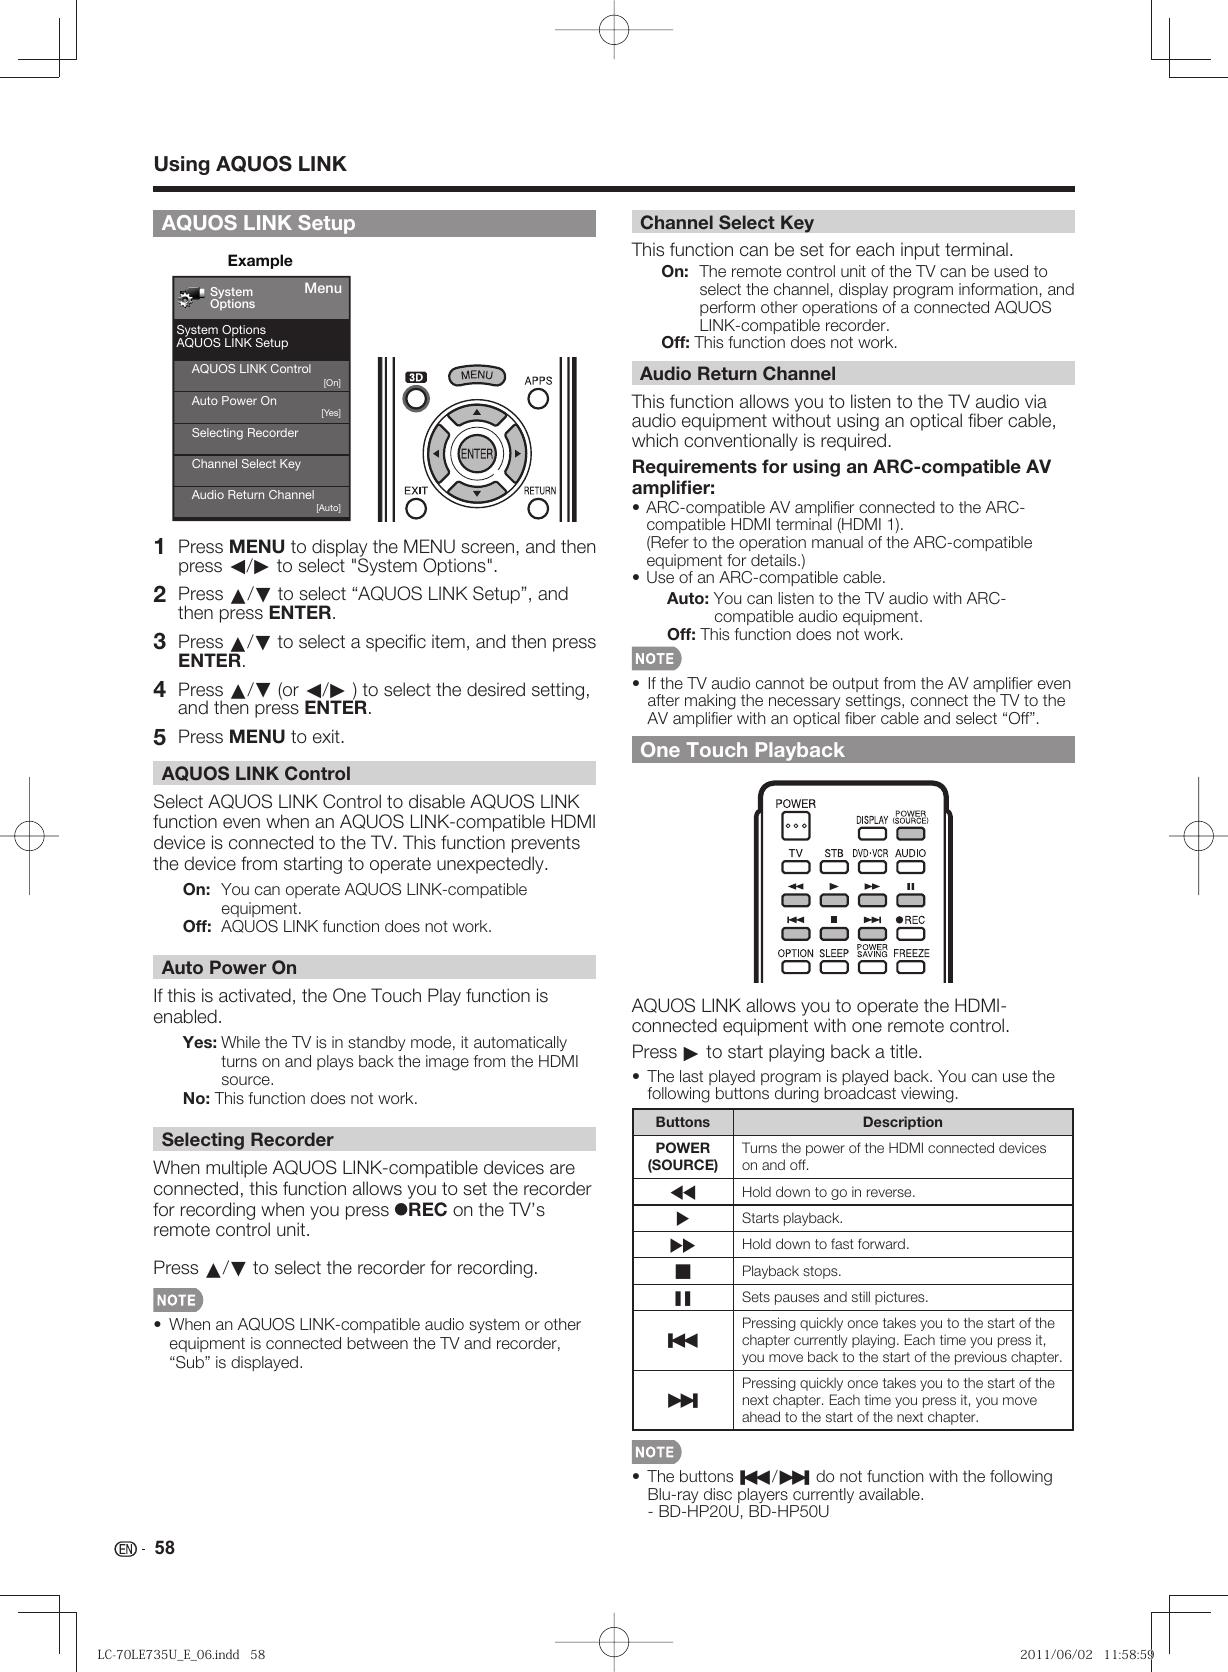 Sharp Lc70Le735U Users Manual LC 70LE735U_E